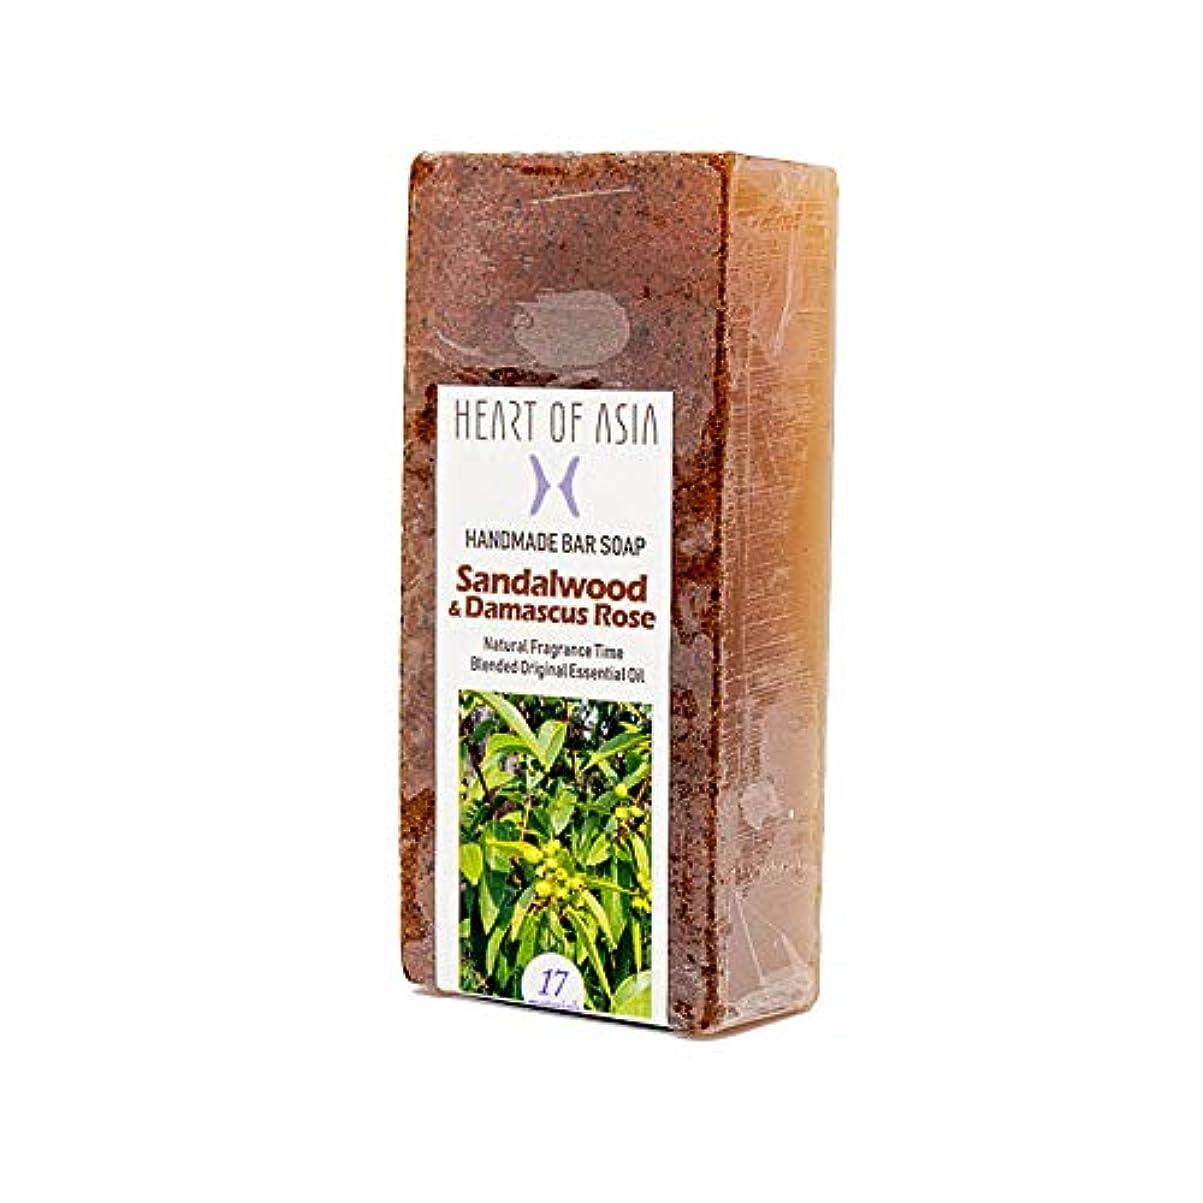 ビデオサイトライングローバル香水のようなフレグランス石けん HANDMADE BAR SOAP ~Sandalwood&Damascus Rose~ (単品)